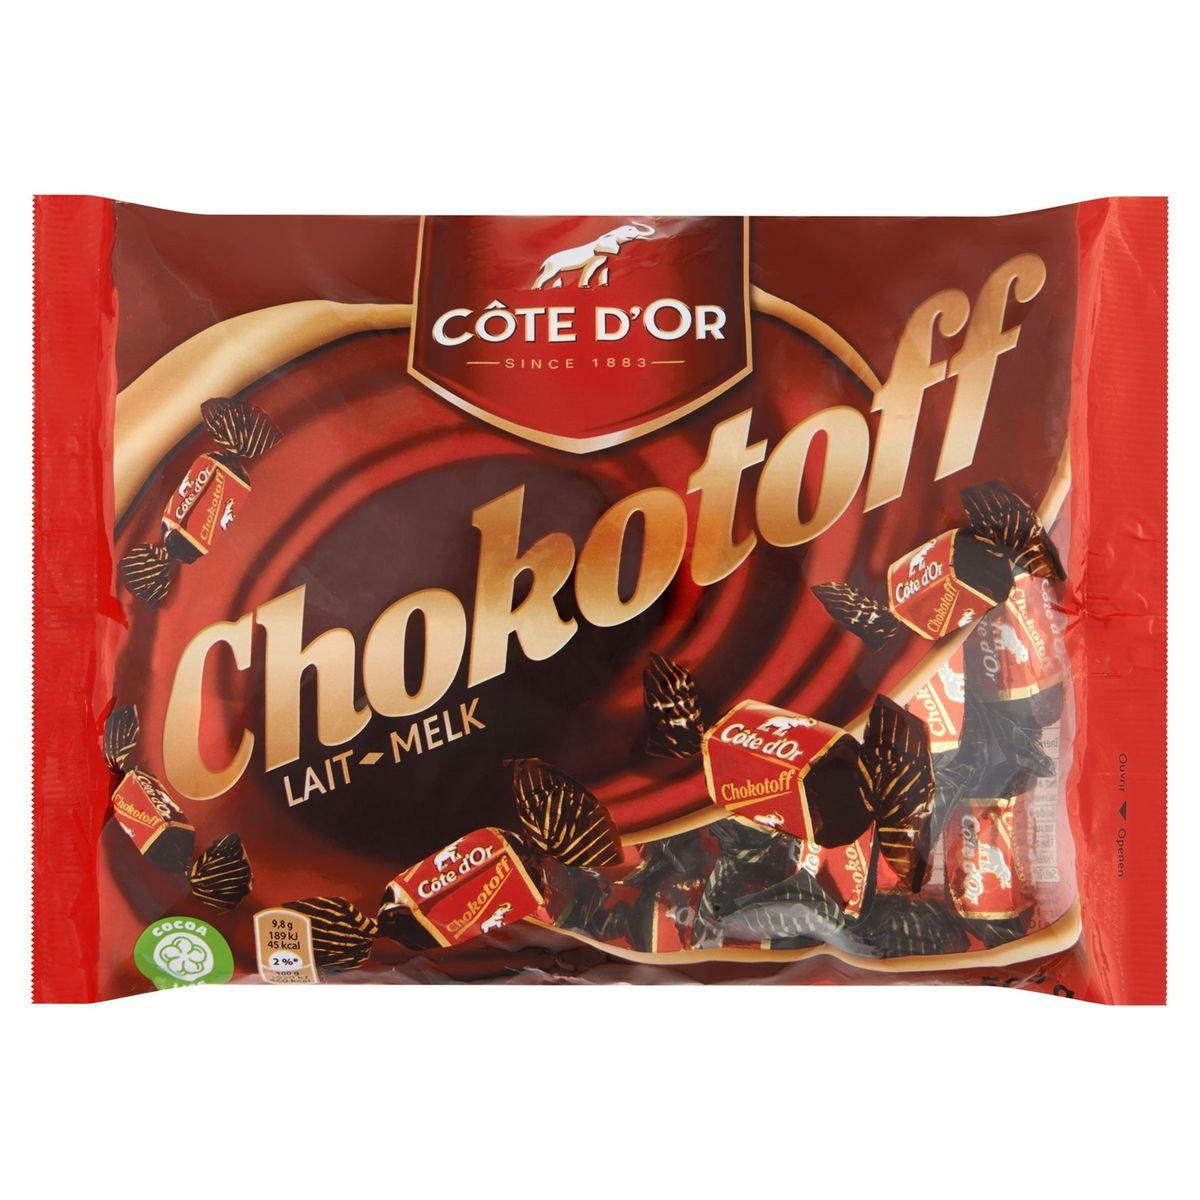 Côte d'Or Chokotoff Lait 500 g